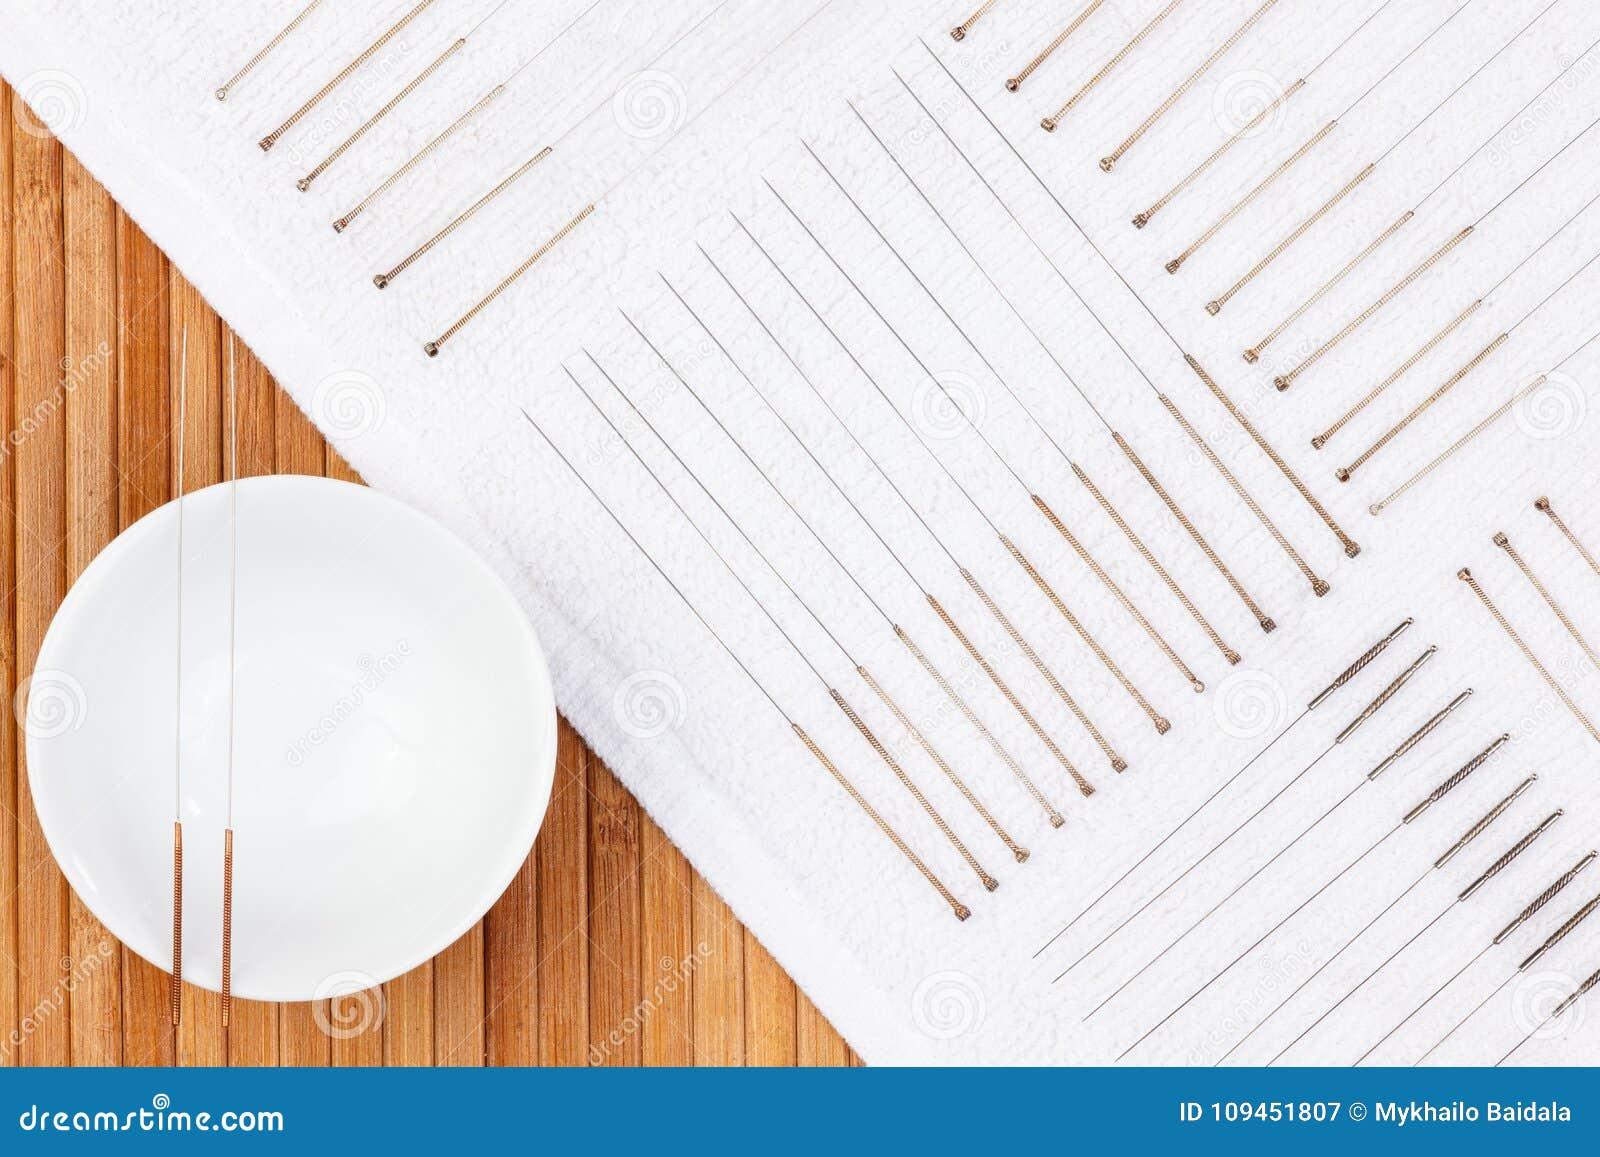 Таблица с иглами для иглоукалывания Серебряные иглы для традиционной медицины иглоукалывания на таблице